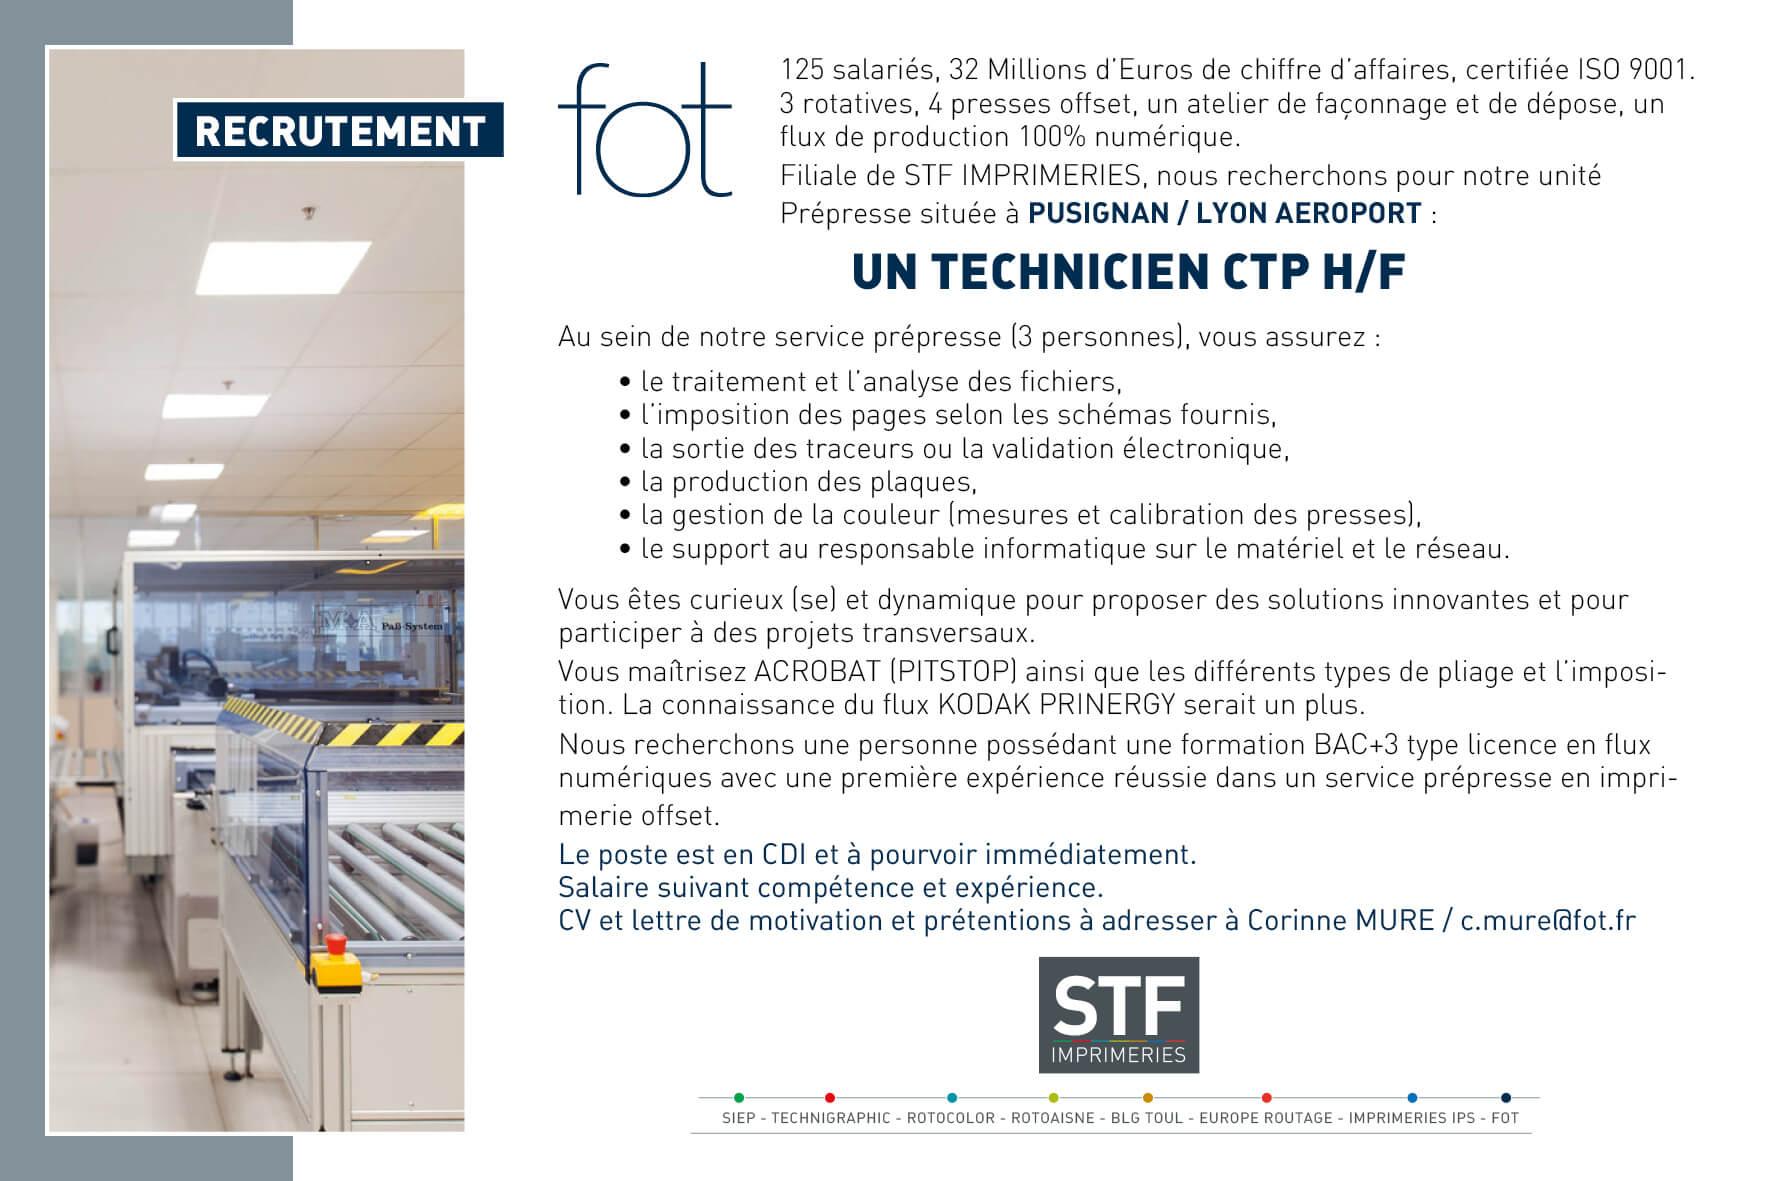 Fot-Technicien CTP-site